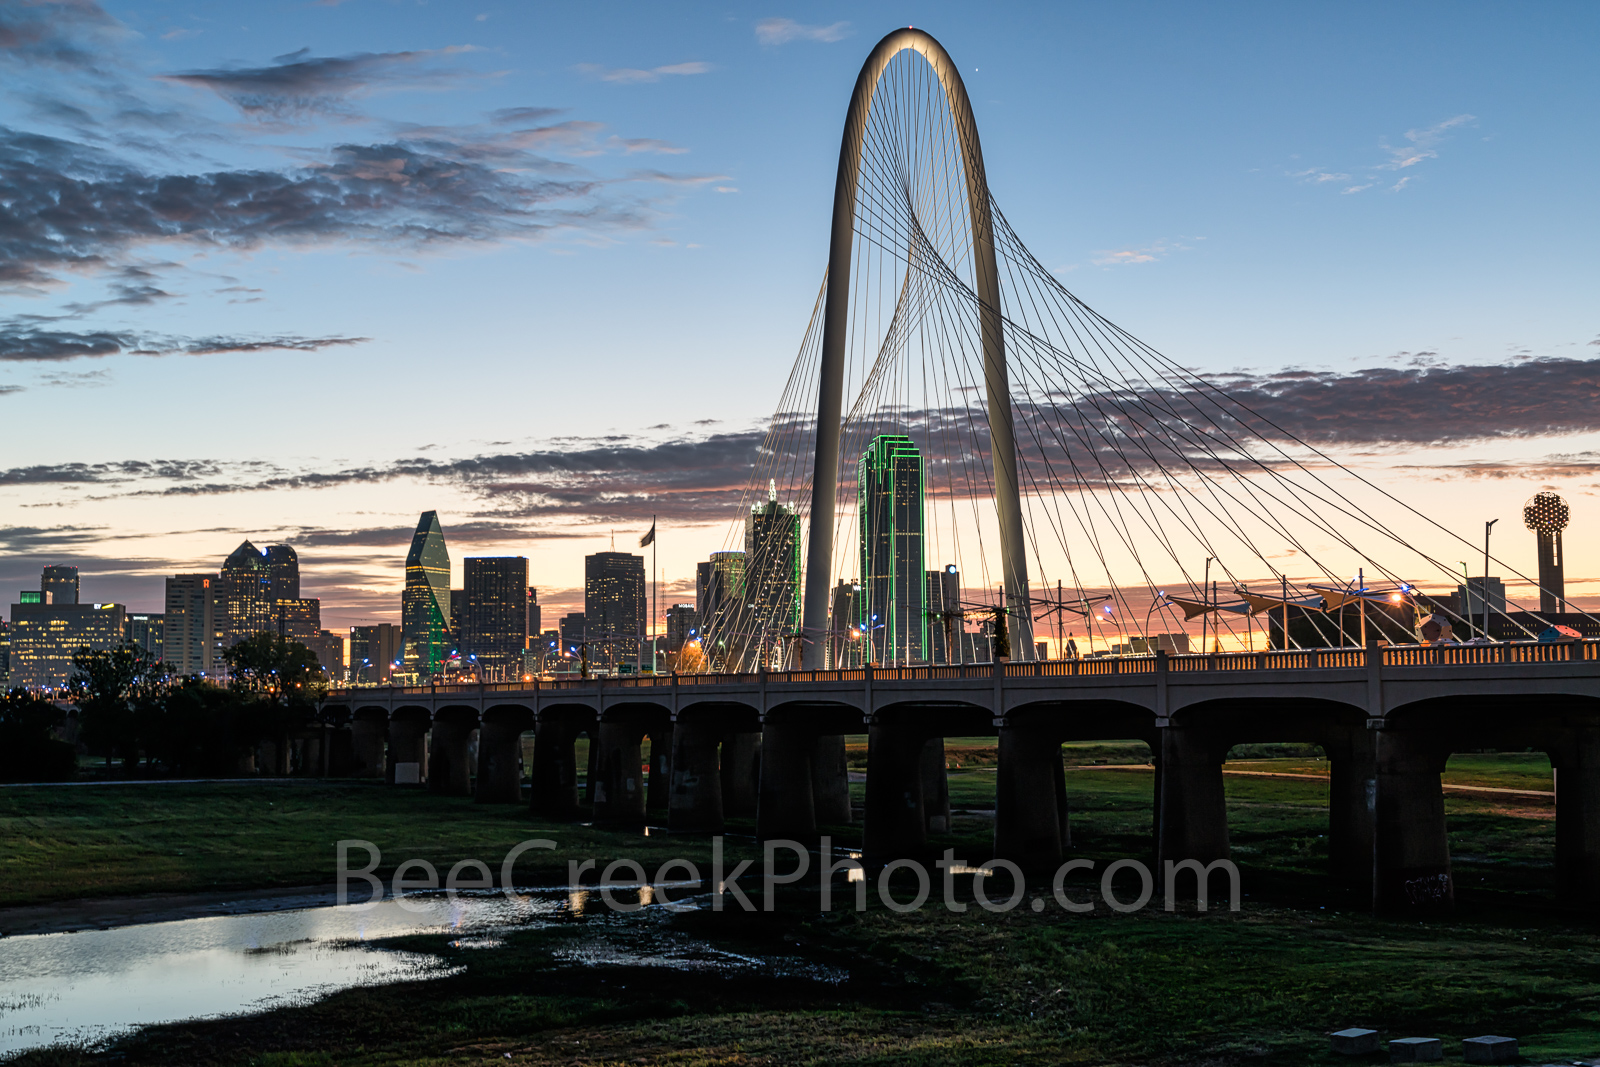 Dallas, Margaret Hunt Hill Bridge, dallas tx, downtown dallas, dallas skyline,  bridge, skyline, glow, sunrise, cityscape, bank of america, reunion tower, skyscrapers, Continental Avenue bridge, Ron K, photo